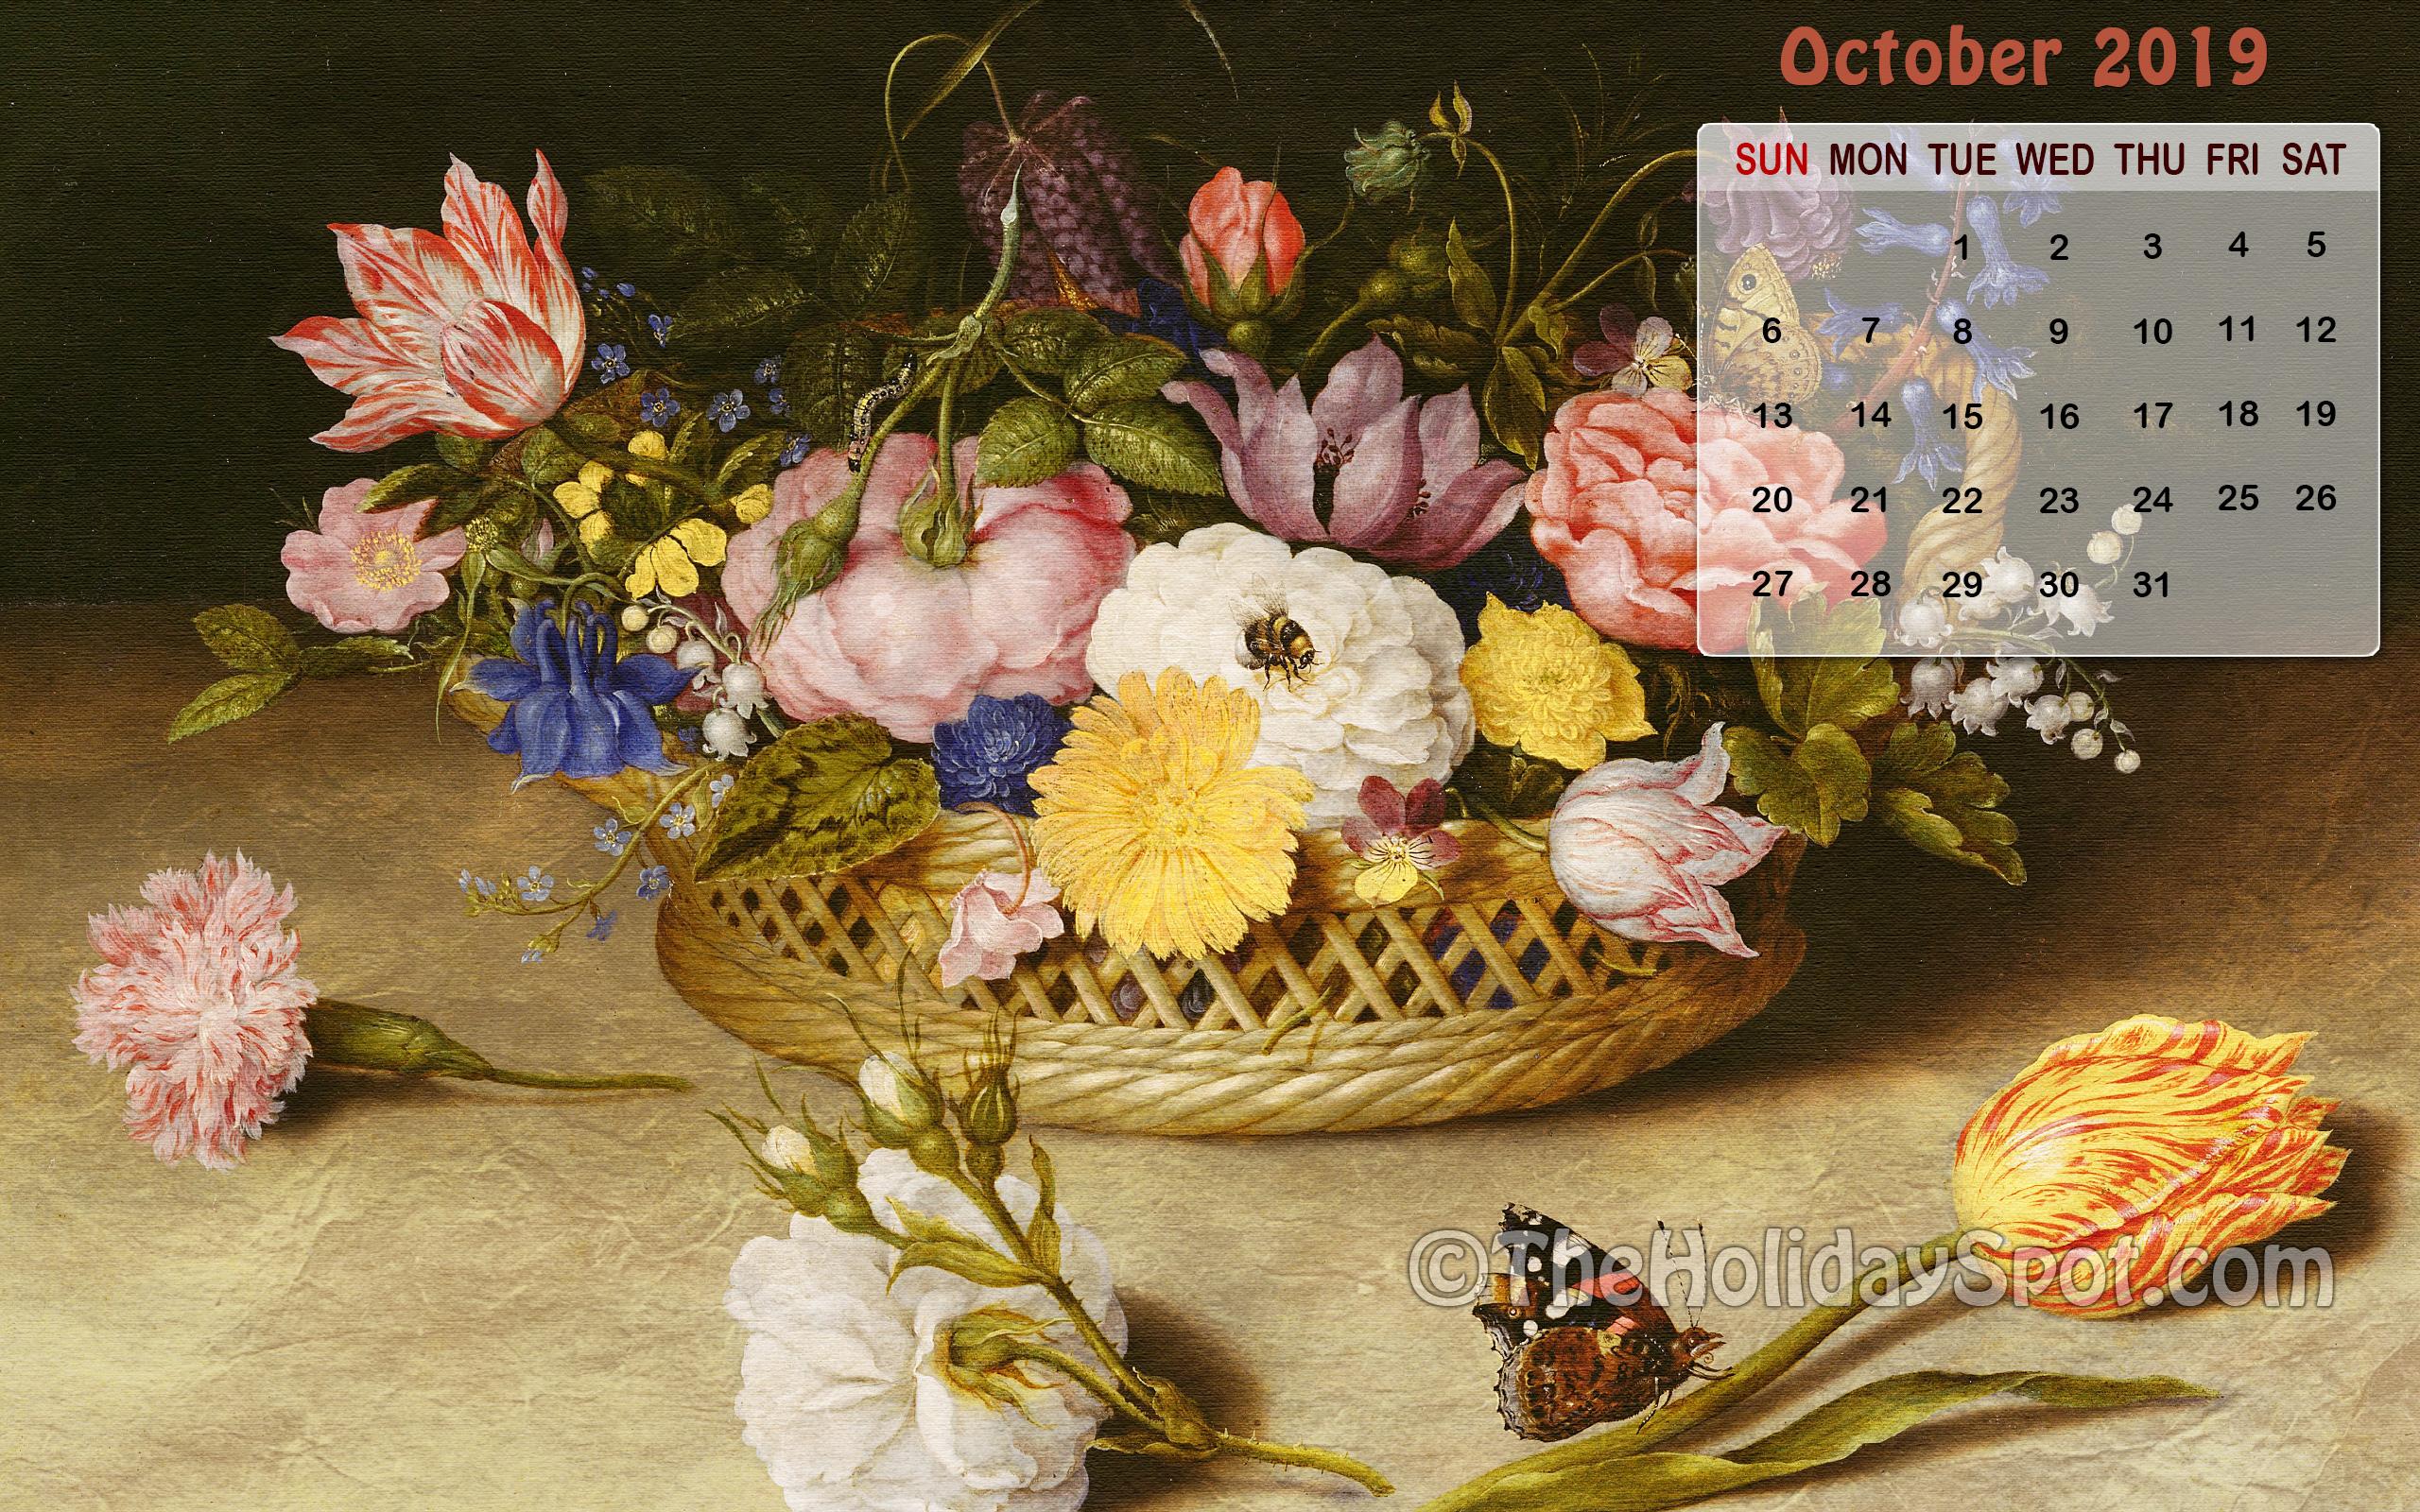 October 2019 Calendar Wallpaper   Wallpapers from TheHolidaySpot 2560x1600